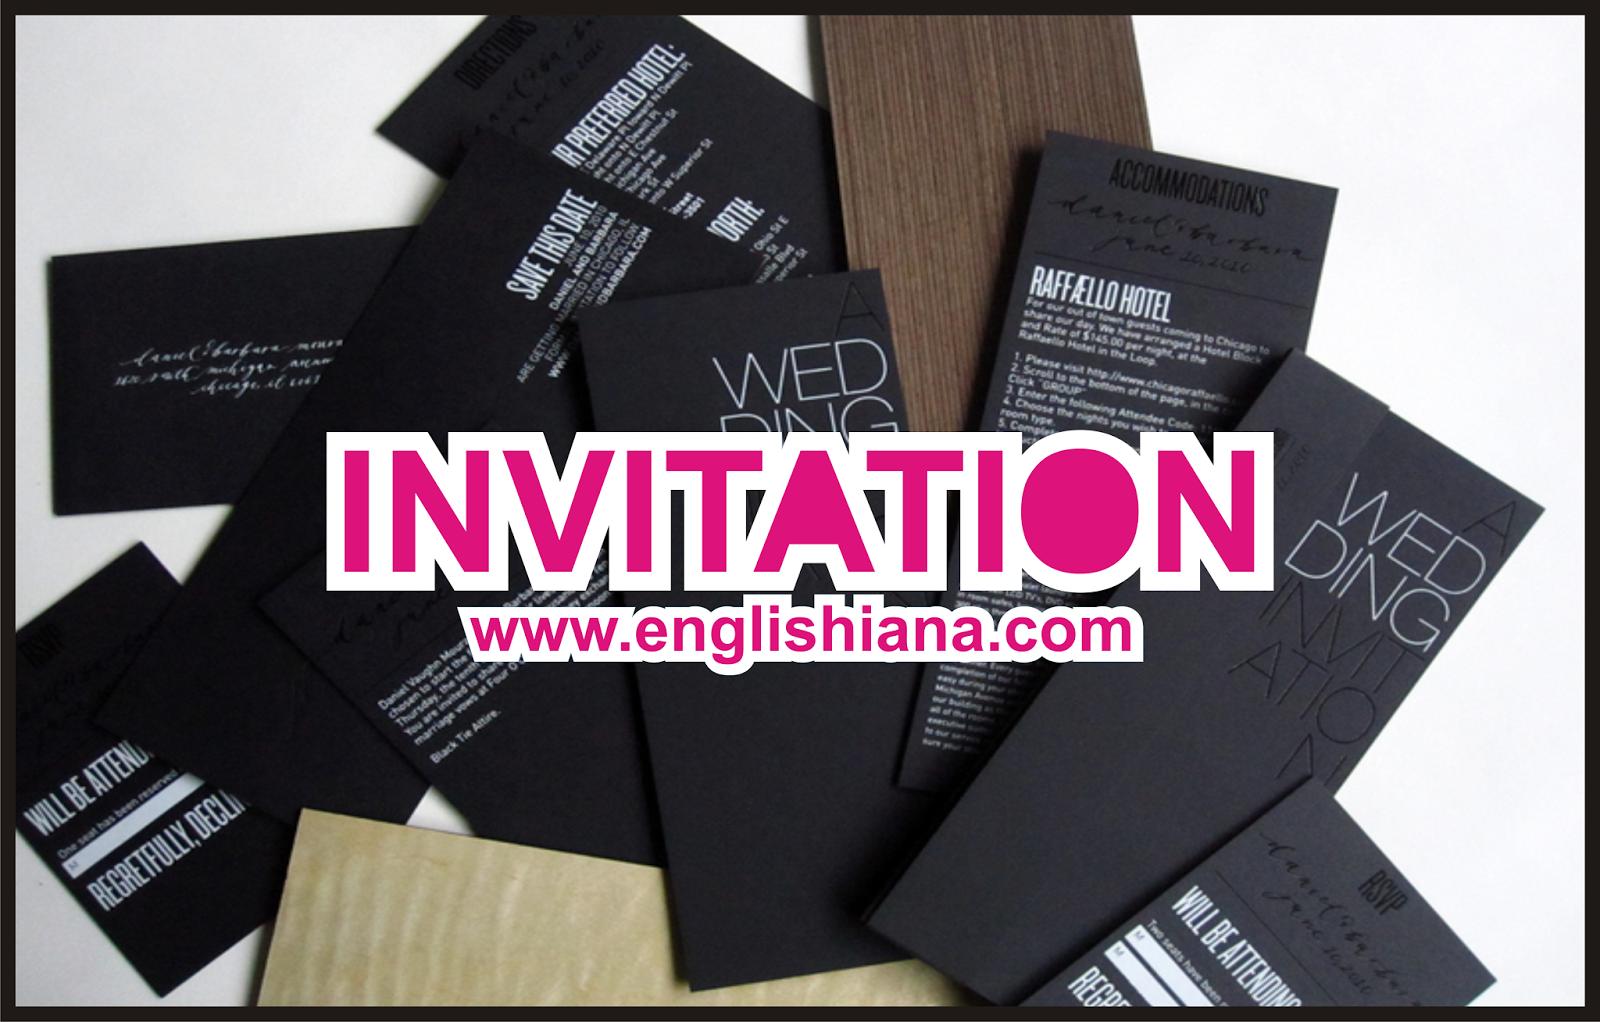 10 contoh undangan dalam bahasa inggris dan terjemahannya englishiana 10 contoh surat undangan dalam bahasa inggris dan terjemahannya stopboris Image collections